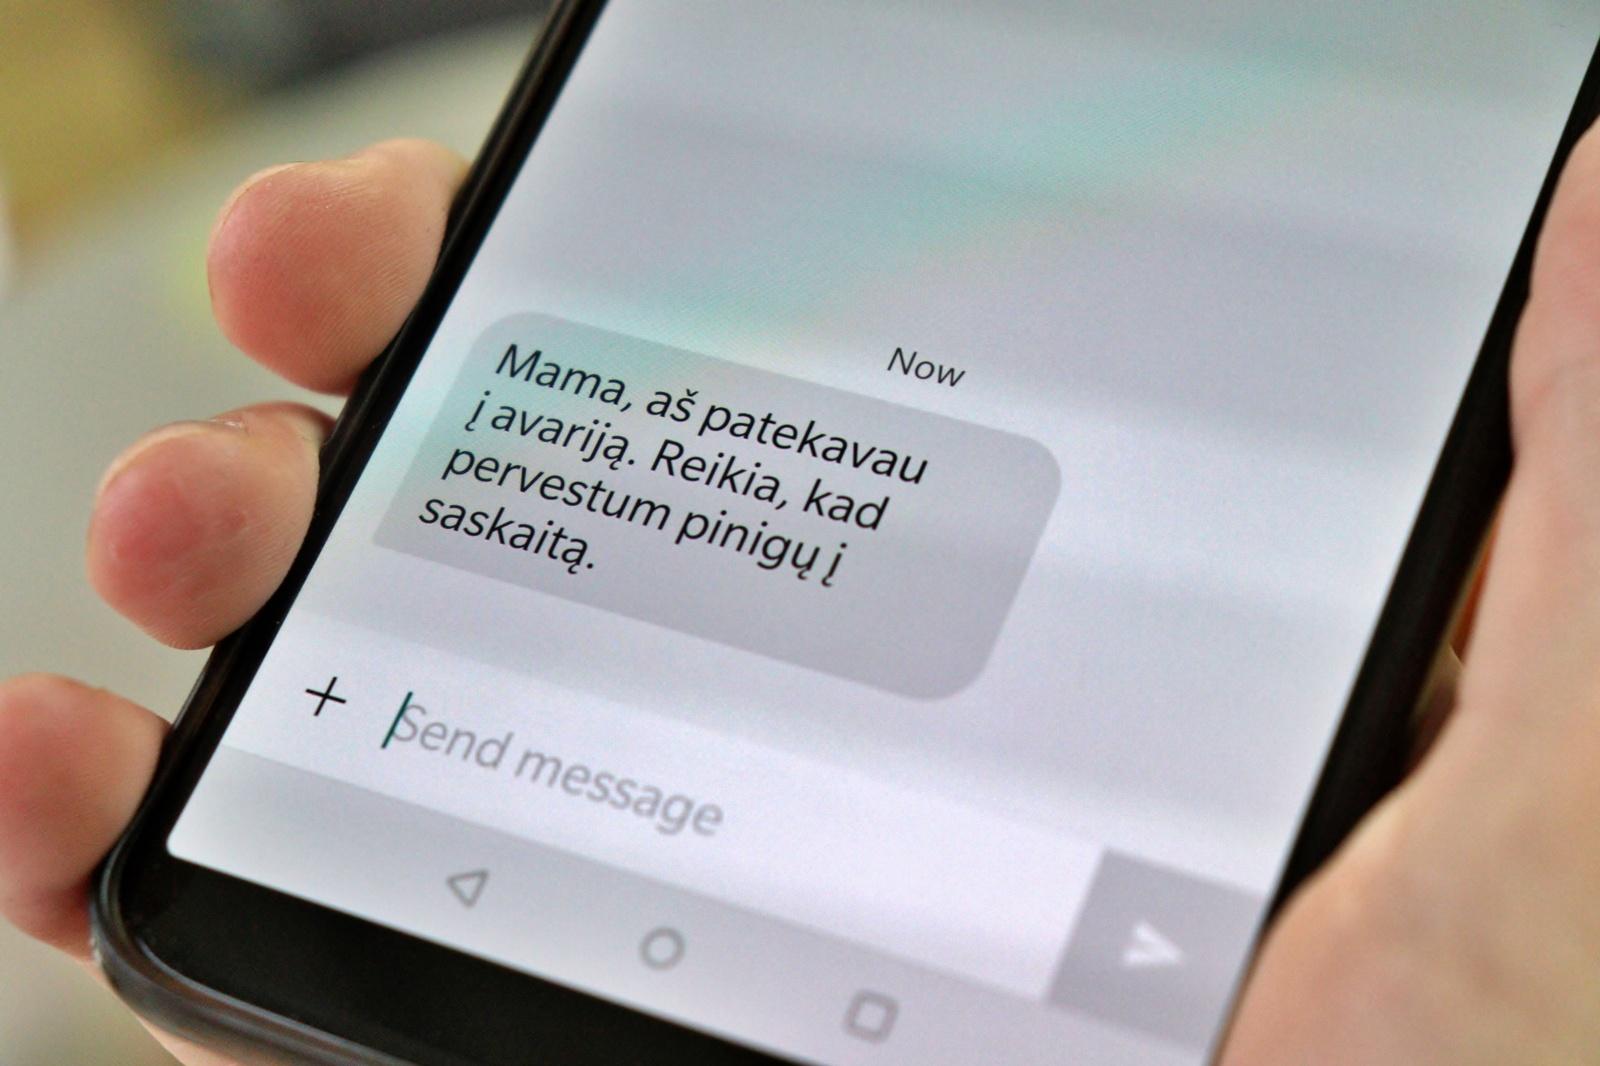 Klaipėdos policija įspėja – per karantiną sukčiavimų elektroninėje erdvėje gali daugėti